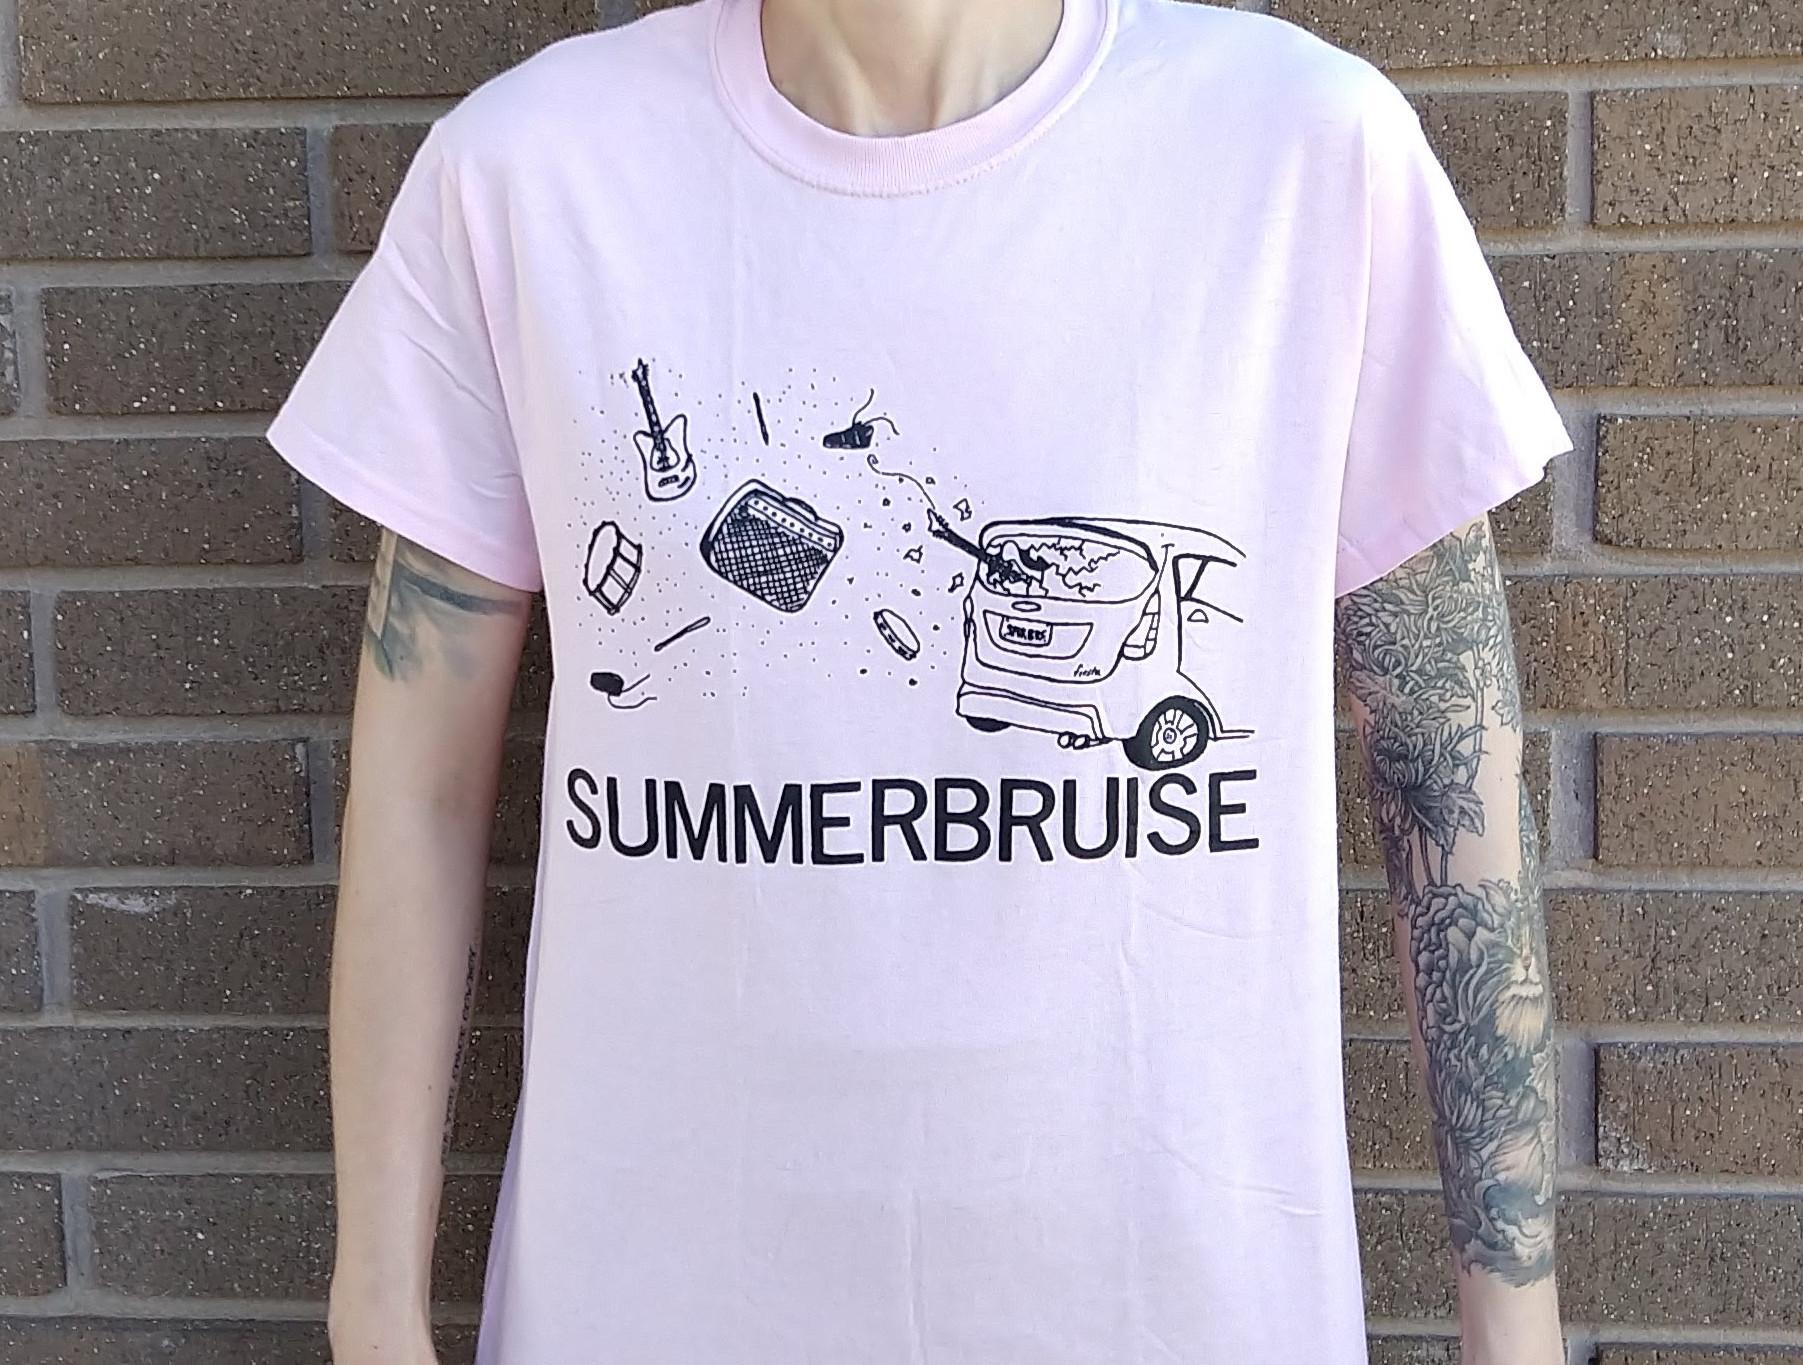 Summerbruise -  Tour Tee Shirt